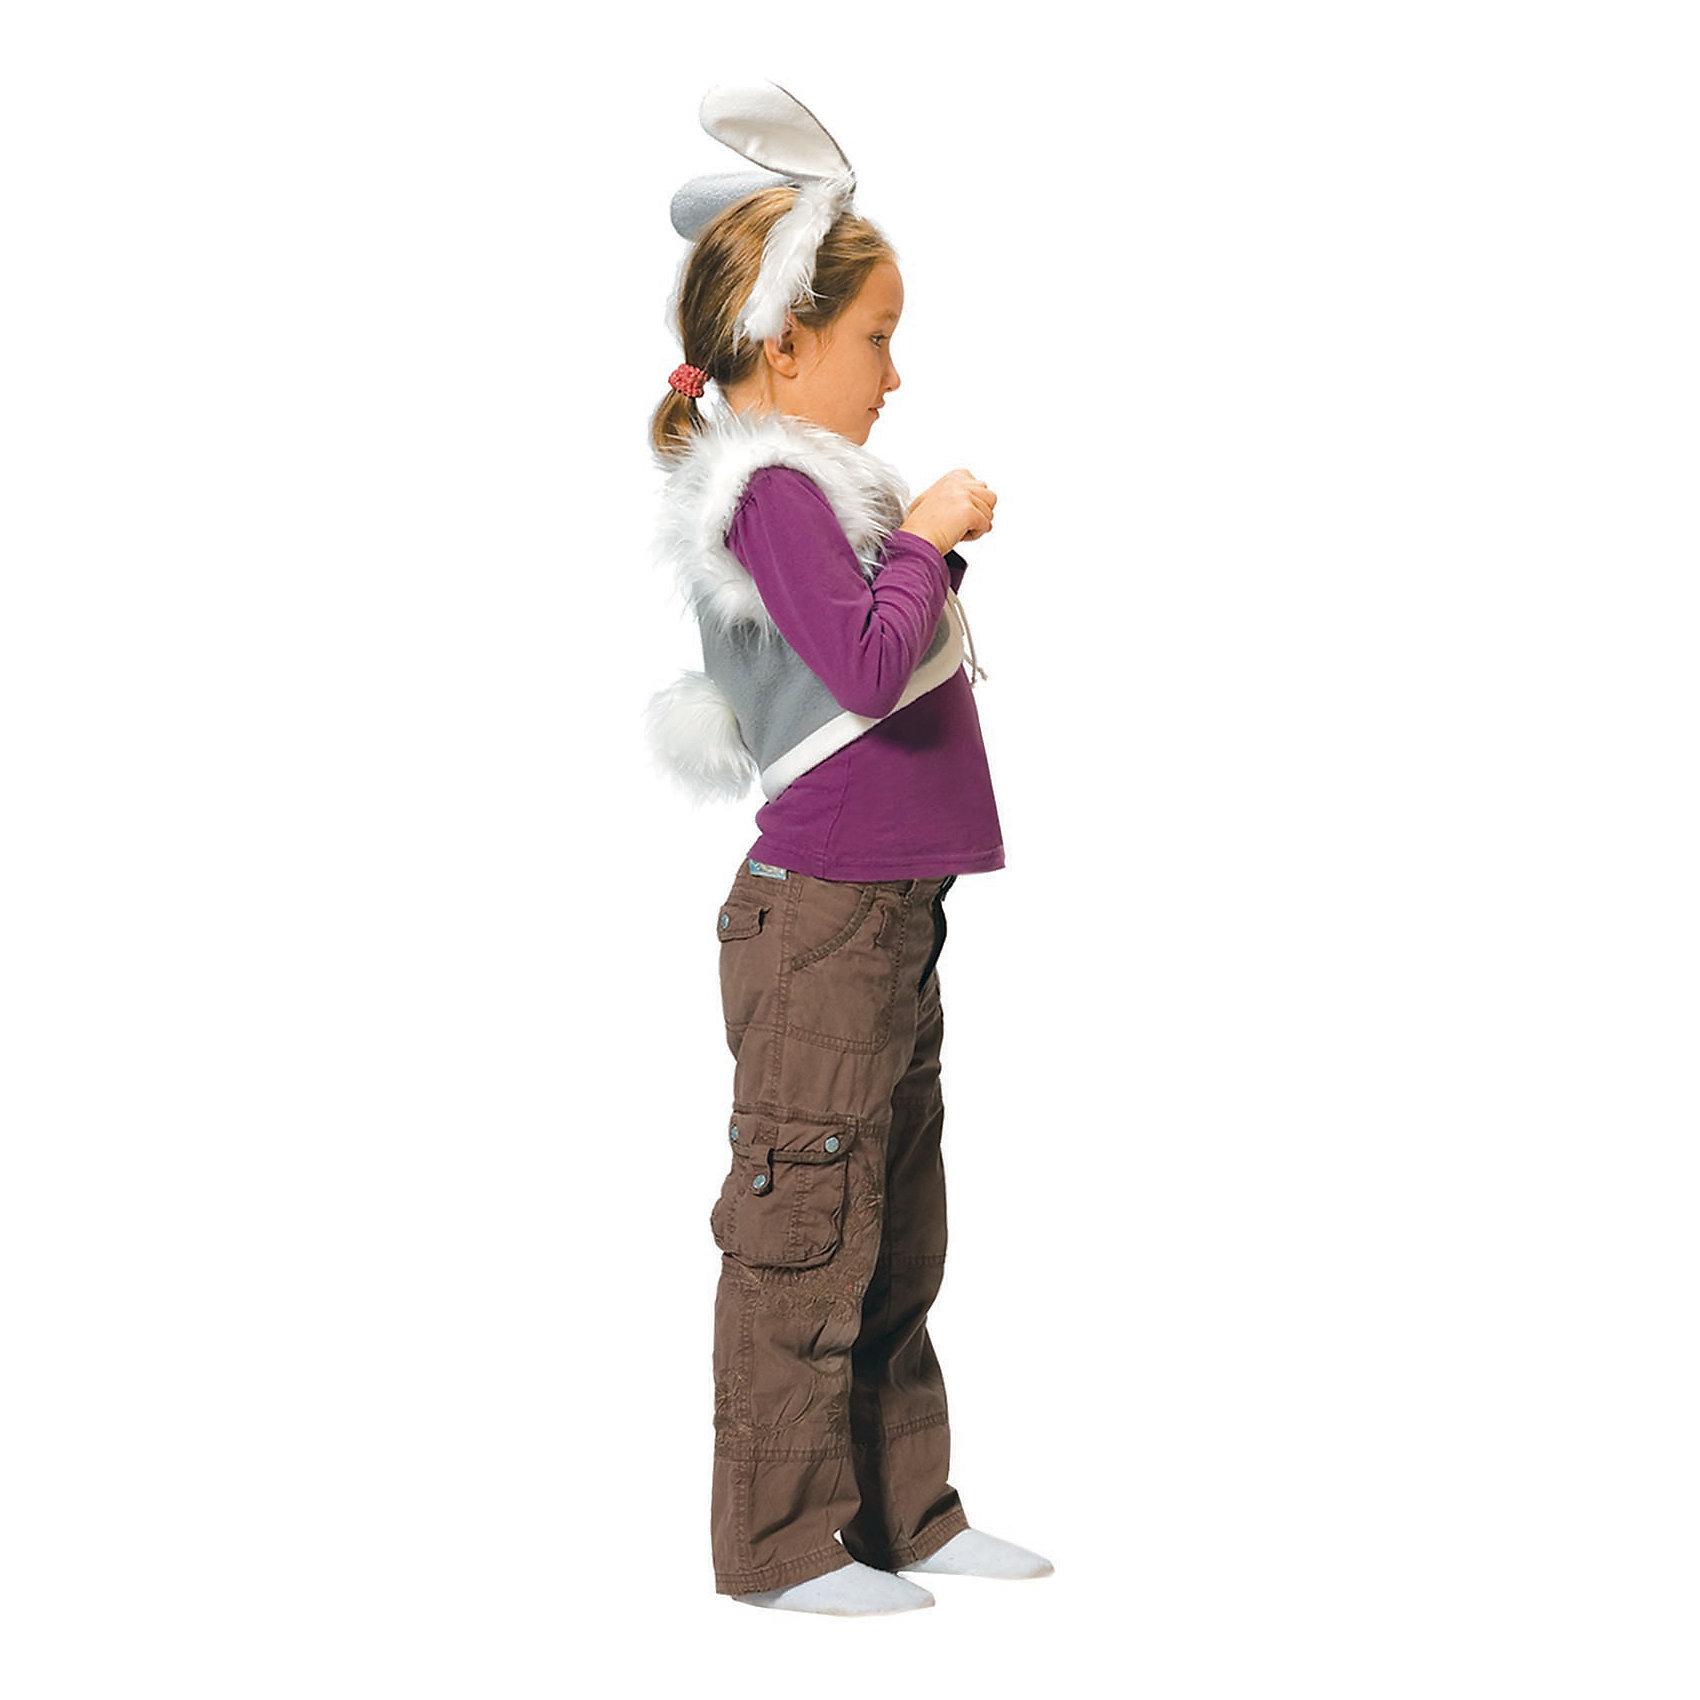 Карнавальный костюм для мальчика Заяц, ВестификаДетский карнавальный костюм Заяц состоит из жилетки, выполненной из флиса и посаженной на подкладку из хлопчатобумажной ткани, и ободка с ушками. На жилетку прикреплен хвостик.<br><br>Дополнительная информация:<br><br>Комплектация:<br>Жилетка с хвостиком<br>Ободок с ушками<br>Ткани:<br>Флис (100% полиэстер)<br><br>Карнавальный костюм для мальчика Заяц, Вестифика можно купить в нашем магазине.<br><br>Ширина мм: 236<br>Глубина мм: 16<br>Высота мм: 184<br>Вес г: 100<br>Цвет: разноцветный<br>Возраст от месяцев: 48<br>Возраст до месяцев: 60<br>Пол: Мужской<br>Возраст: Детский<br>Размер: 104/110<br>SKU: 4389284